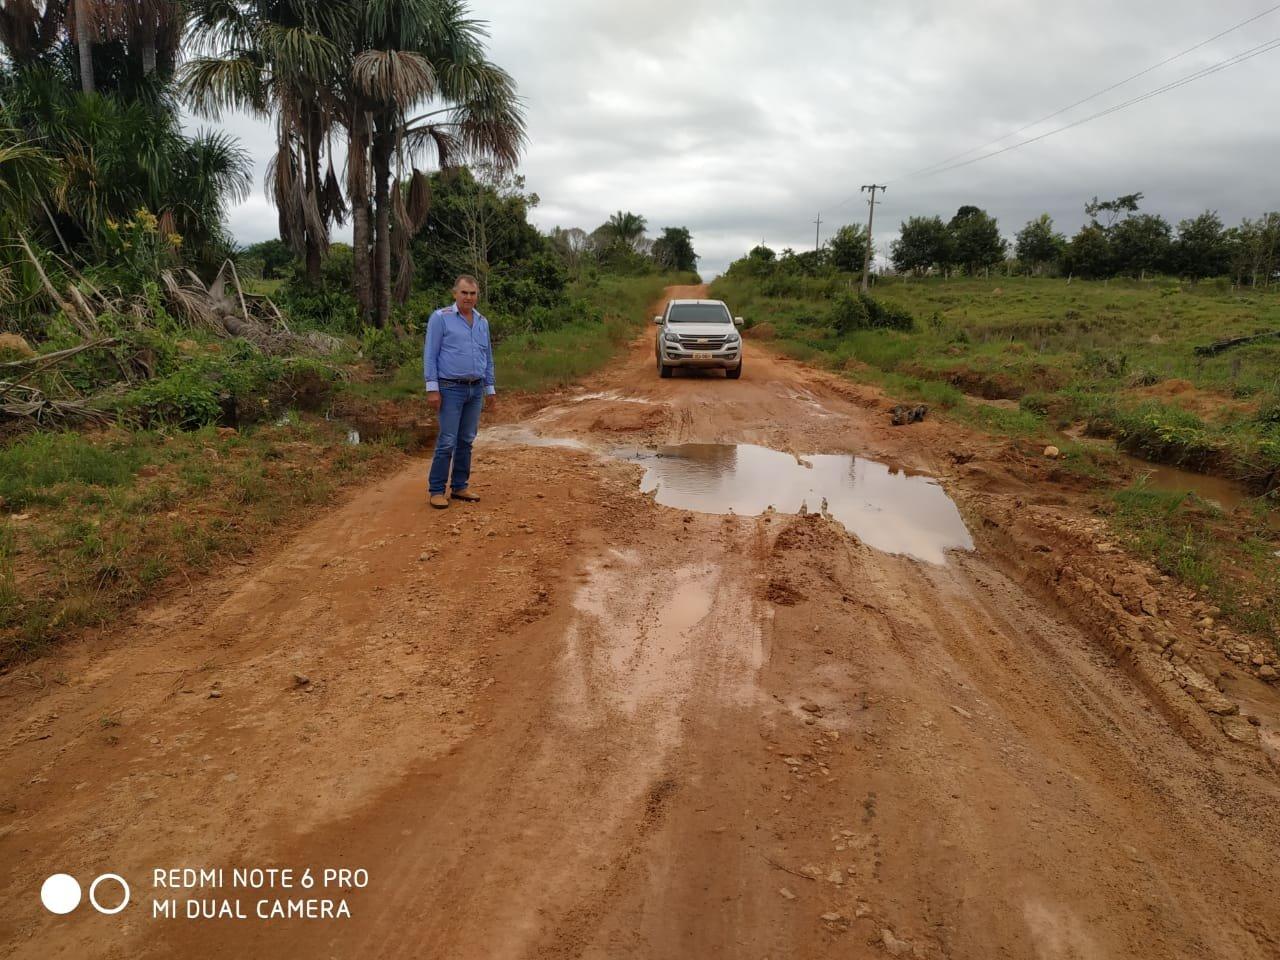 Vereador Nicodemo solicita que seja realizado o patrolamento, cascalhamento e reparos em bueiros no Assentamento Capa Mansa